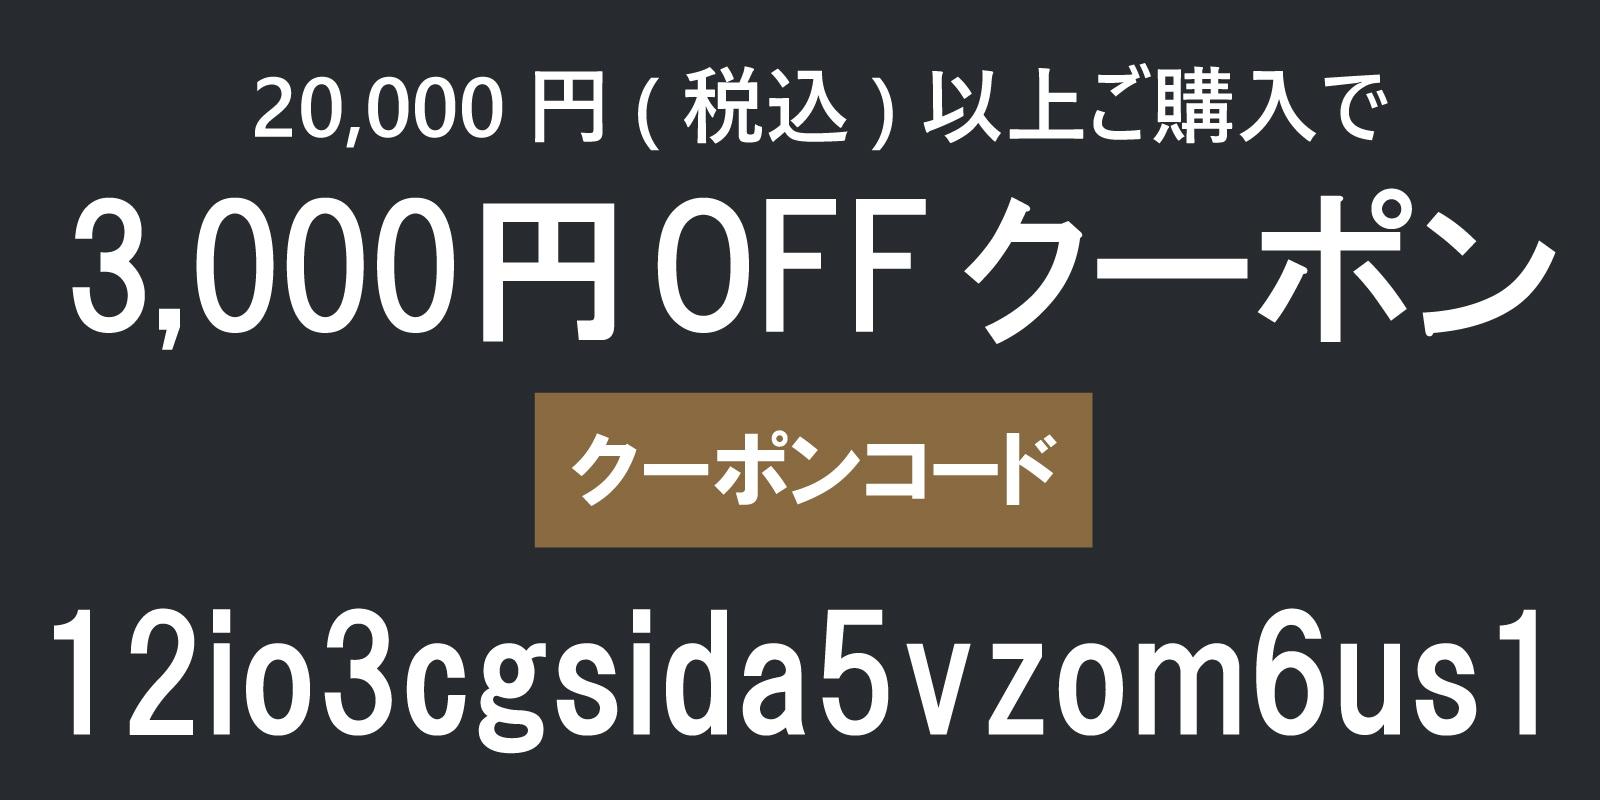 ★2万円以上お買い物に、今すぐクーポンご利用頂けます★【BU6NA7EVR9FP】